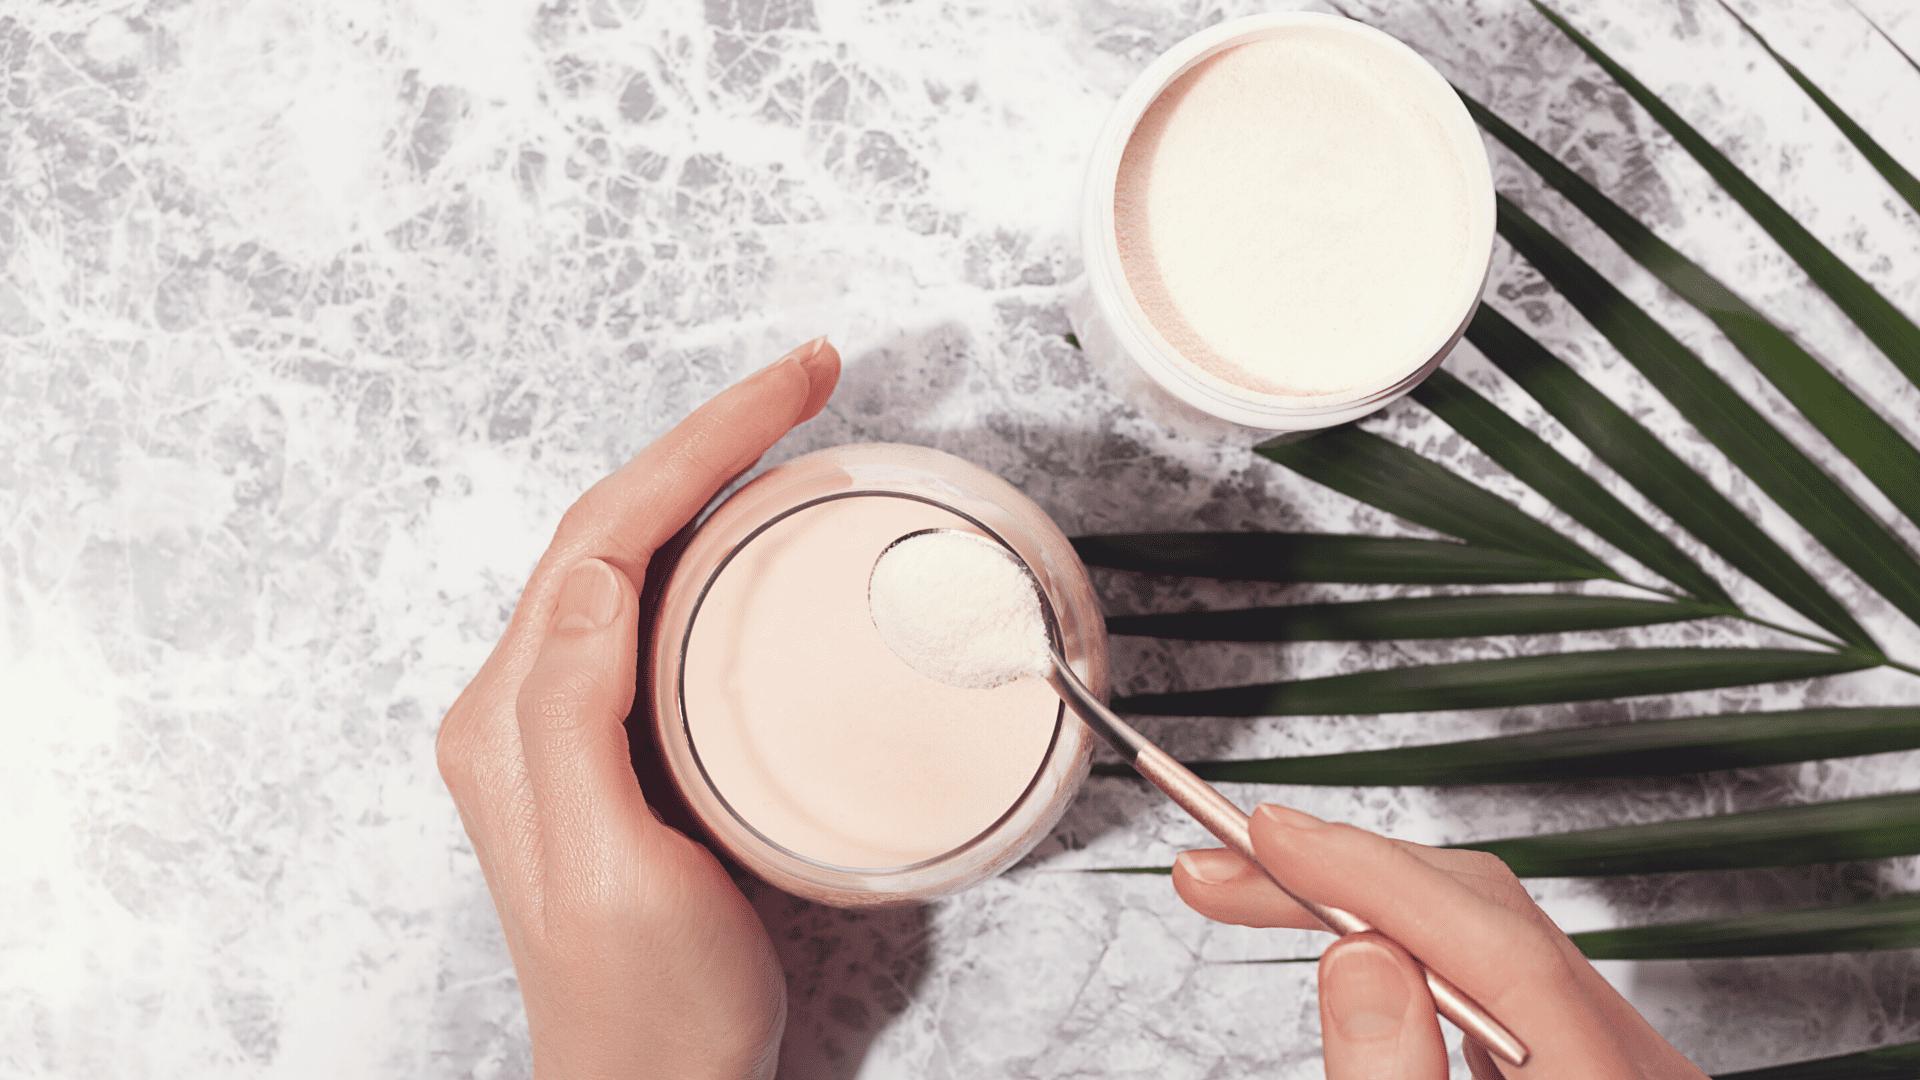 Entenda o que é, para que serve, quais os benefícios e qual o melhor colágeno hidrolisado para você! (Imagem: Reprodução/Shutterstock)